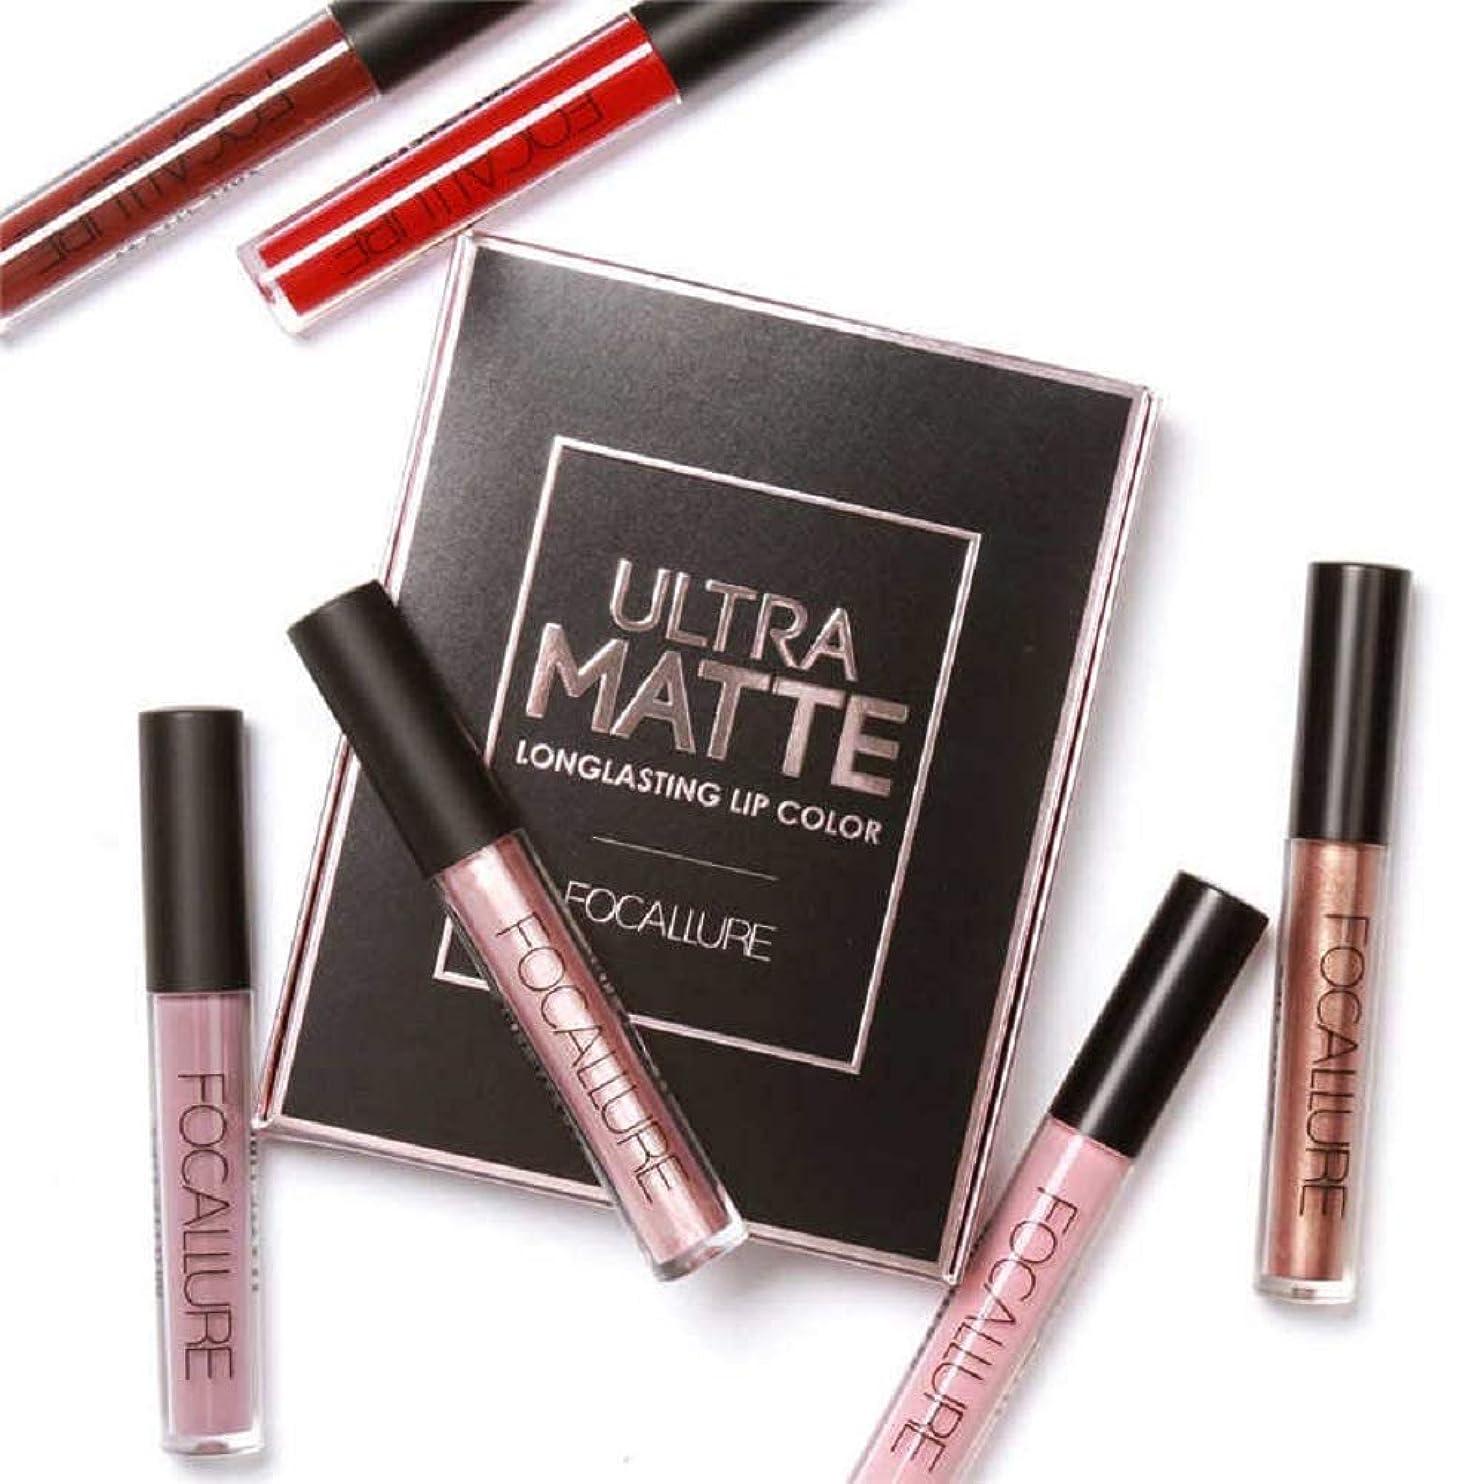 ハブブ尊敬するメニュー3Pcs/Set Long-lasting Lip Colors Makeup Waterproof Tint Lip Gloss Red Velvet Ultra Nude Matte Lipstick Set リップカラーメーキャップ防水色合いリップグロスレッドベルベットウルトラヌードマットリップスティックセット (02)